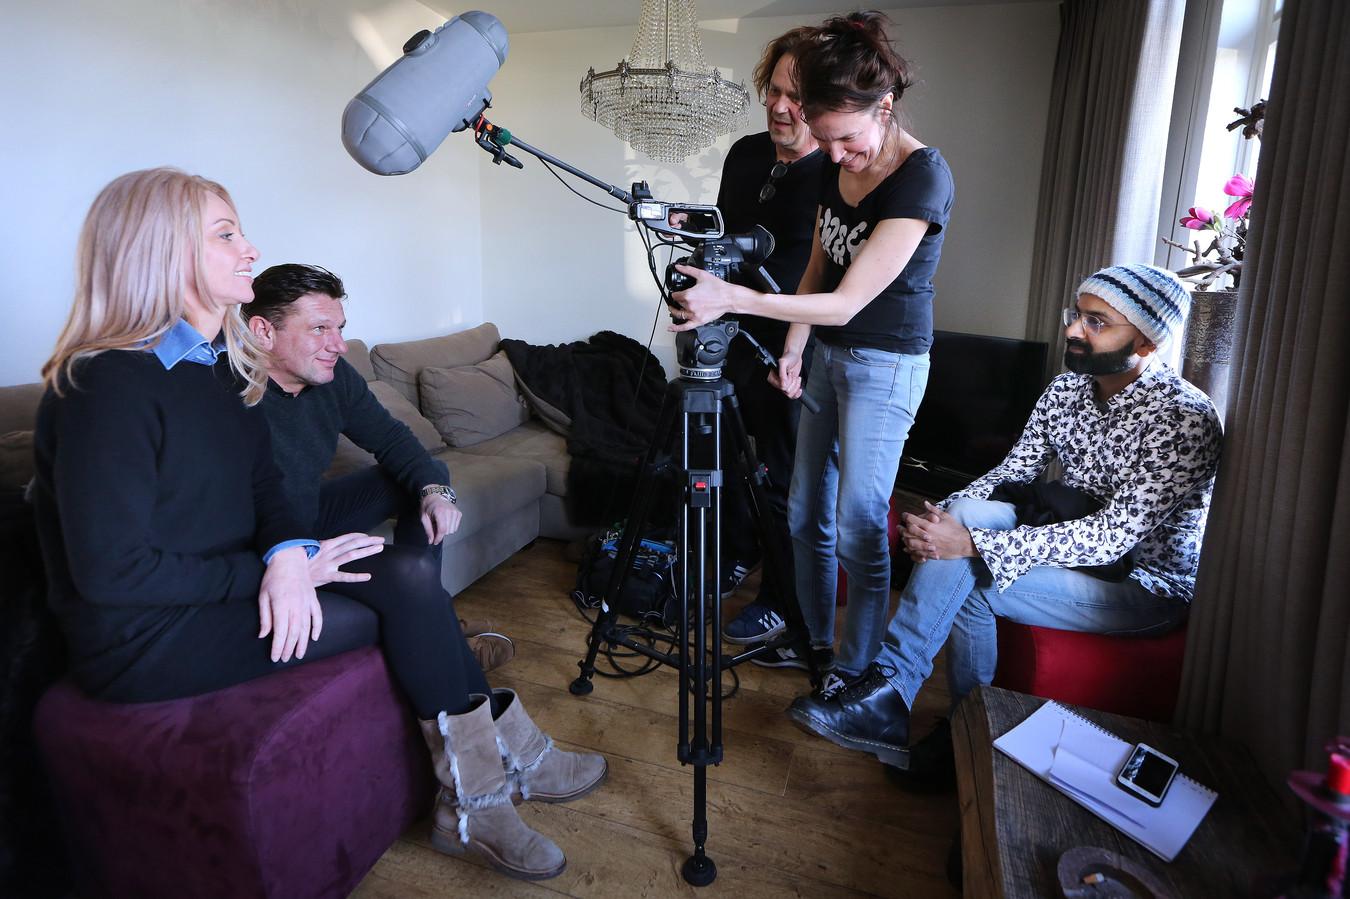 Joyce van Blerck en Corné van den Biggelaar zijn te zien in de documentairereeks 'Leven, liefde en de dood' van Rishi Chamman. Joyce leidt aan de progressieve ziekte van Huntington.